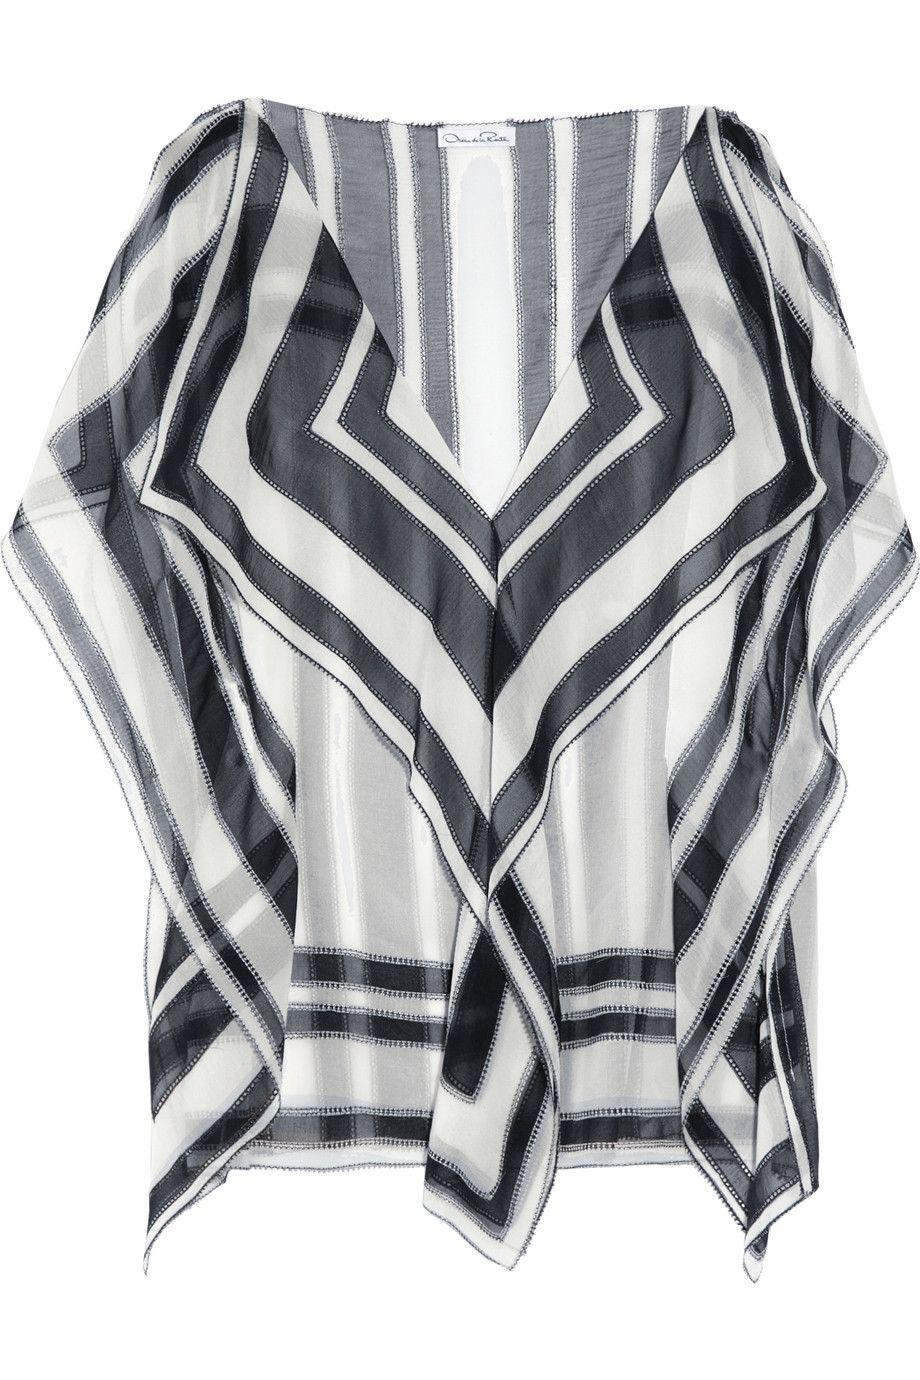 OSCAR DE LA RENTA Printed silk-chiffon top $890